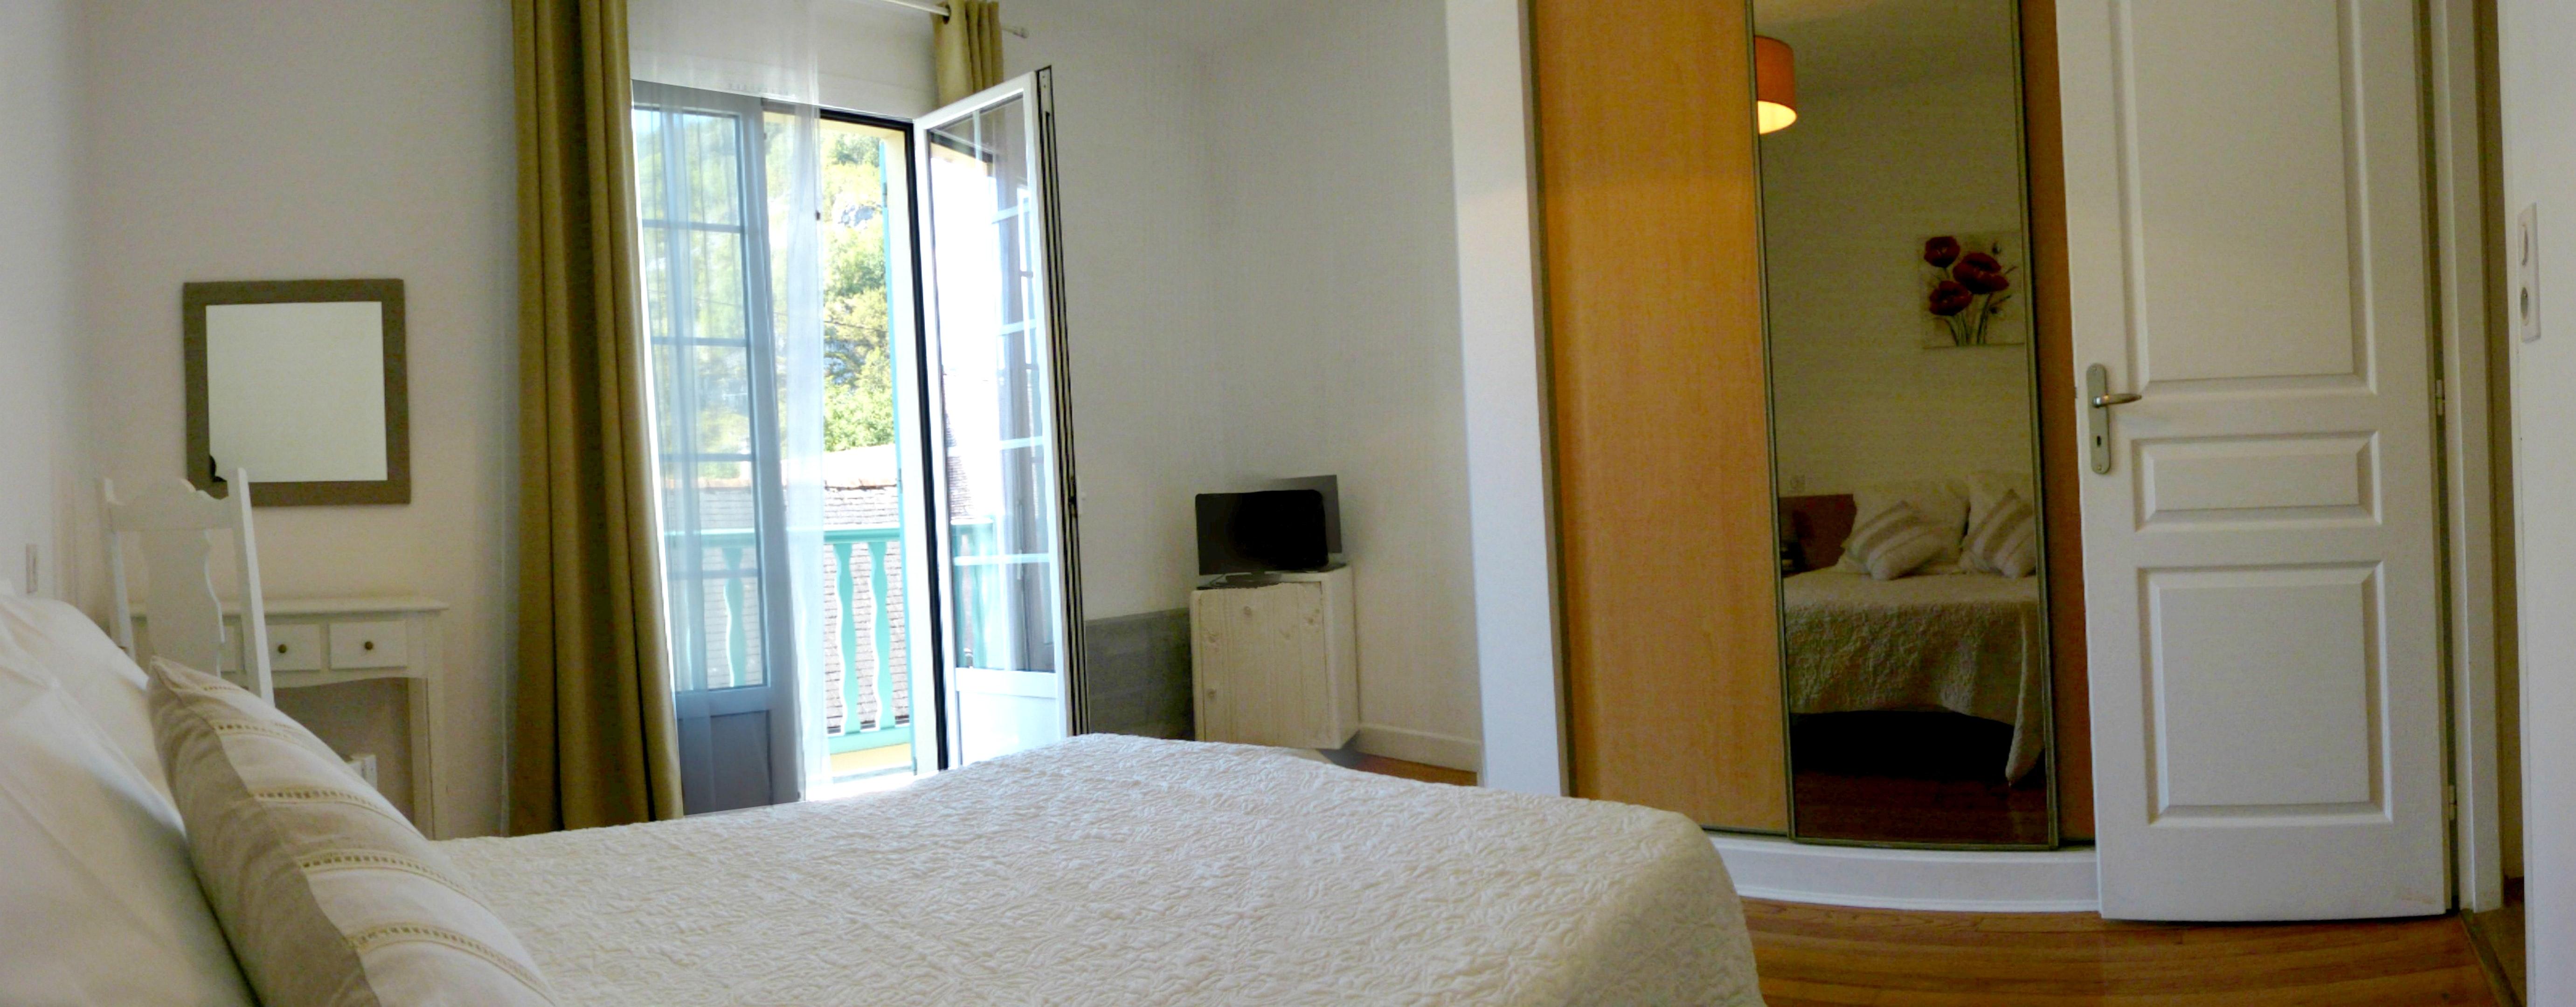 Ferienhaus Haus mit 2 Schlafzimmern in Lourdes mit toller Aussicht auf die Berge, möblierter Terrasse (2396219), Lourdes, Hautes-Pyrénées, Midi-Pyrénées, Frankreich, Bild 11